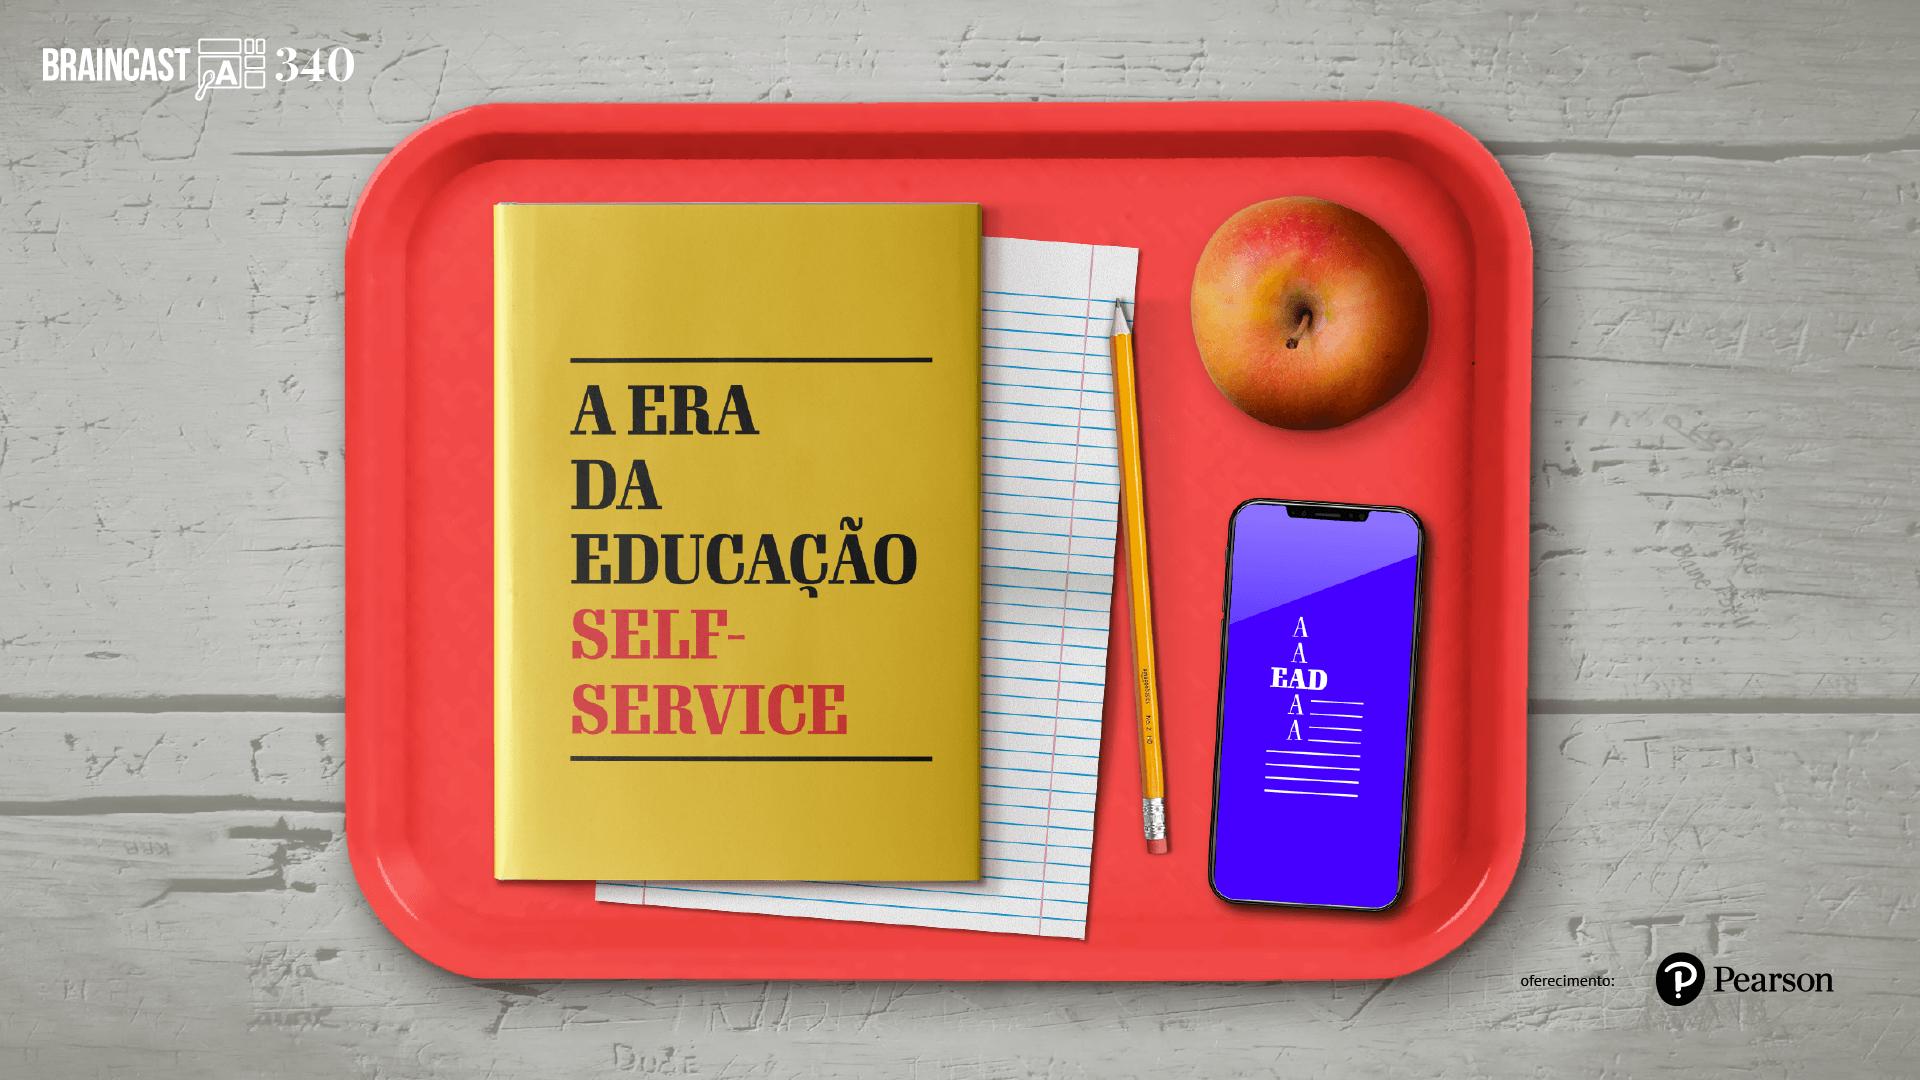 Braincast 340 – A era da educação self-service